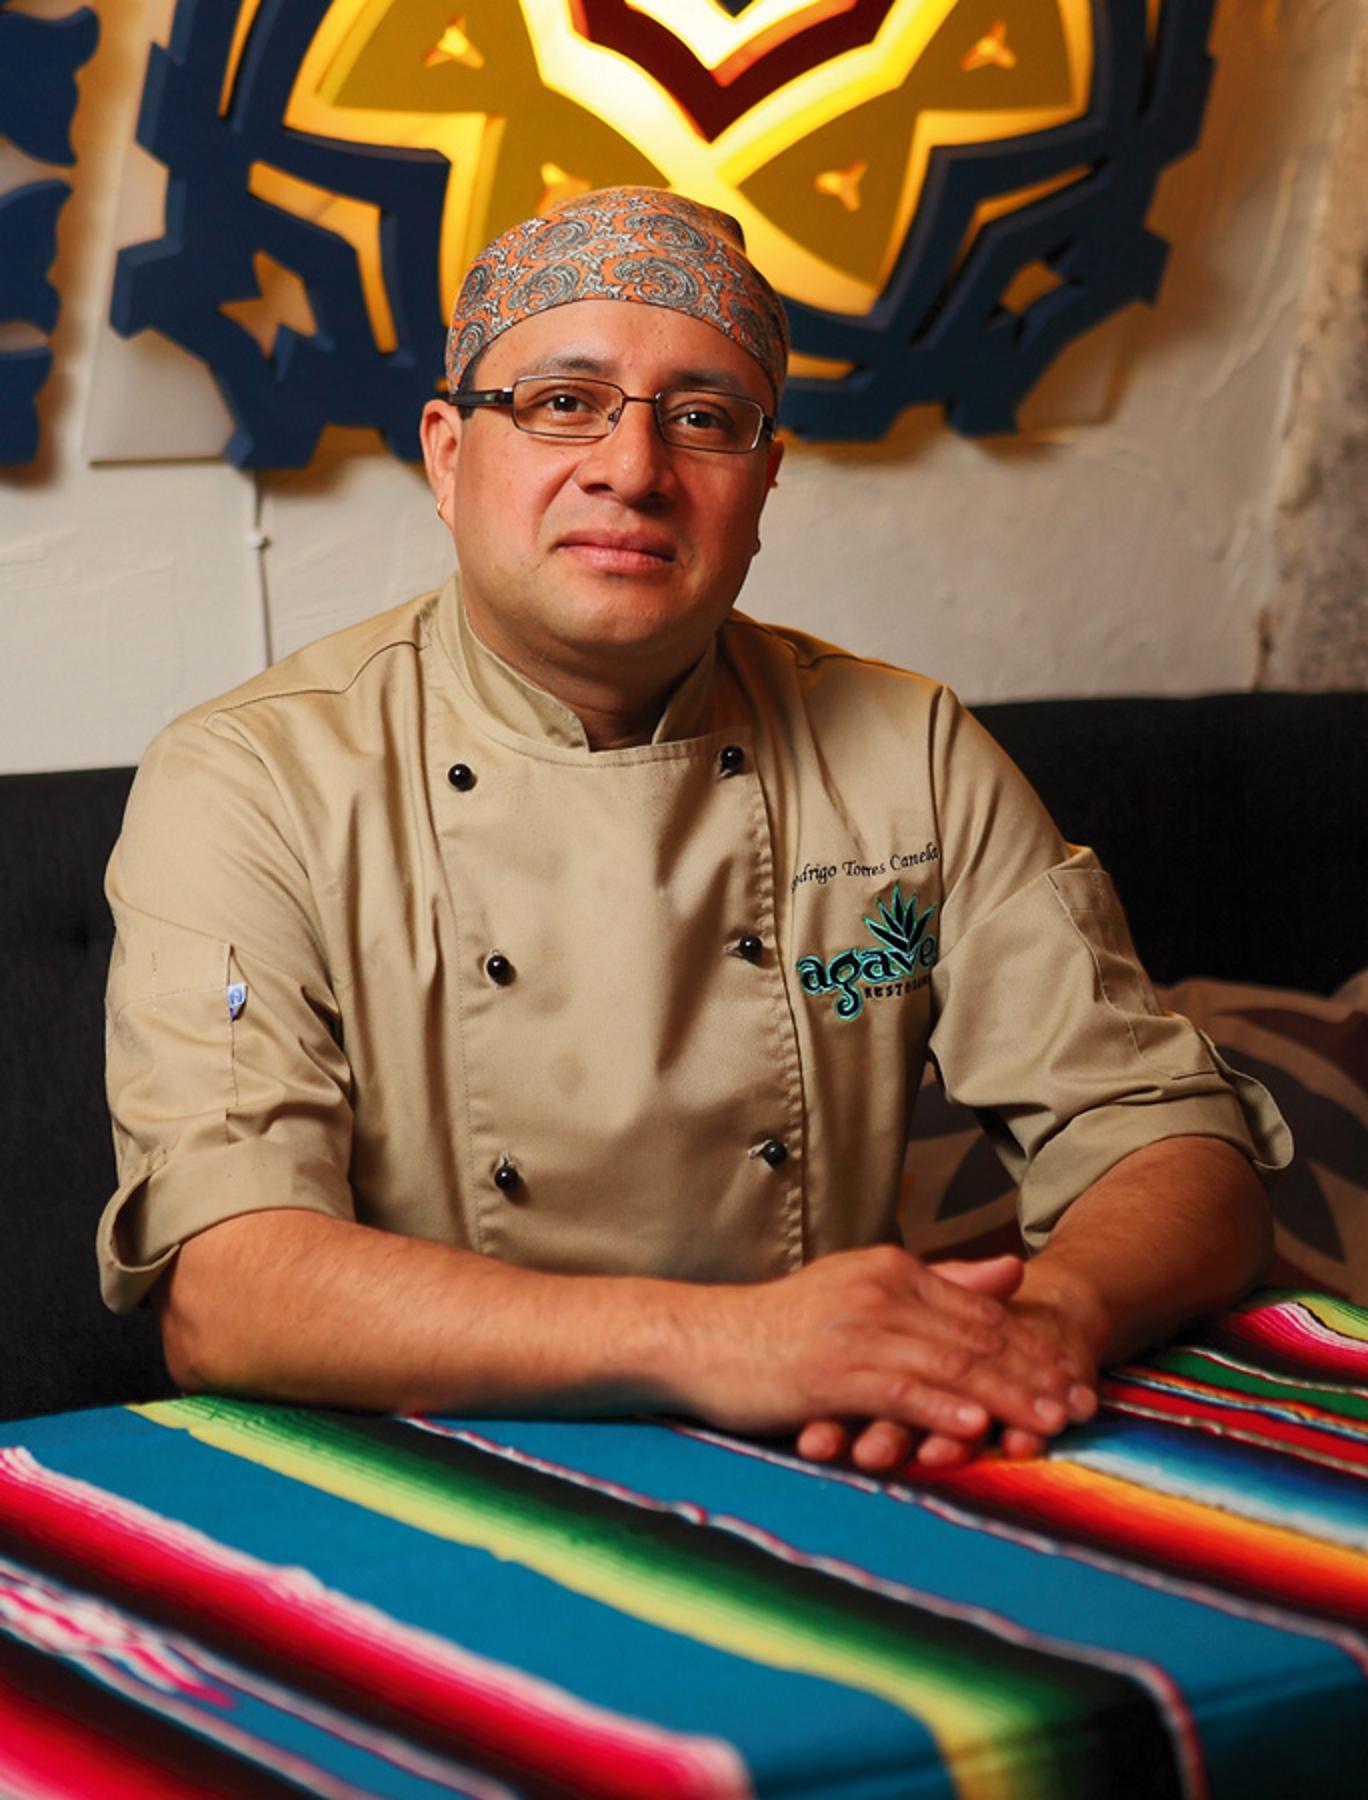 Virtuvės šefas Rodrigo Torres Canela